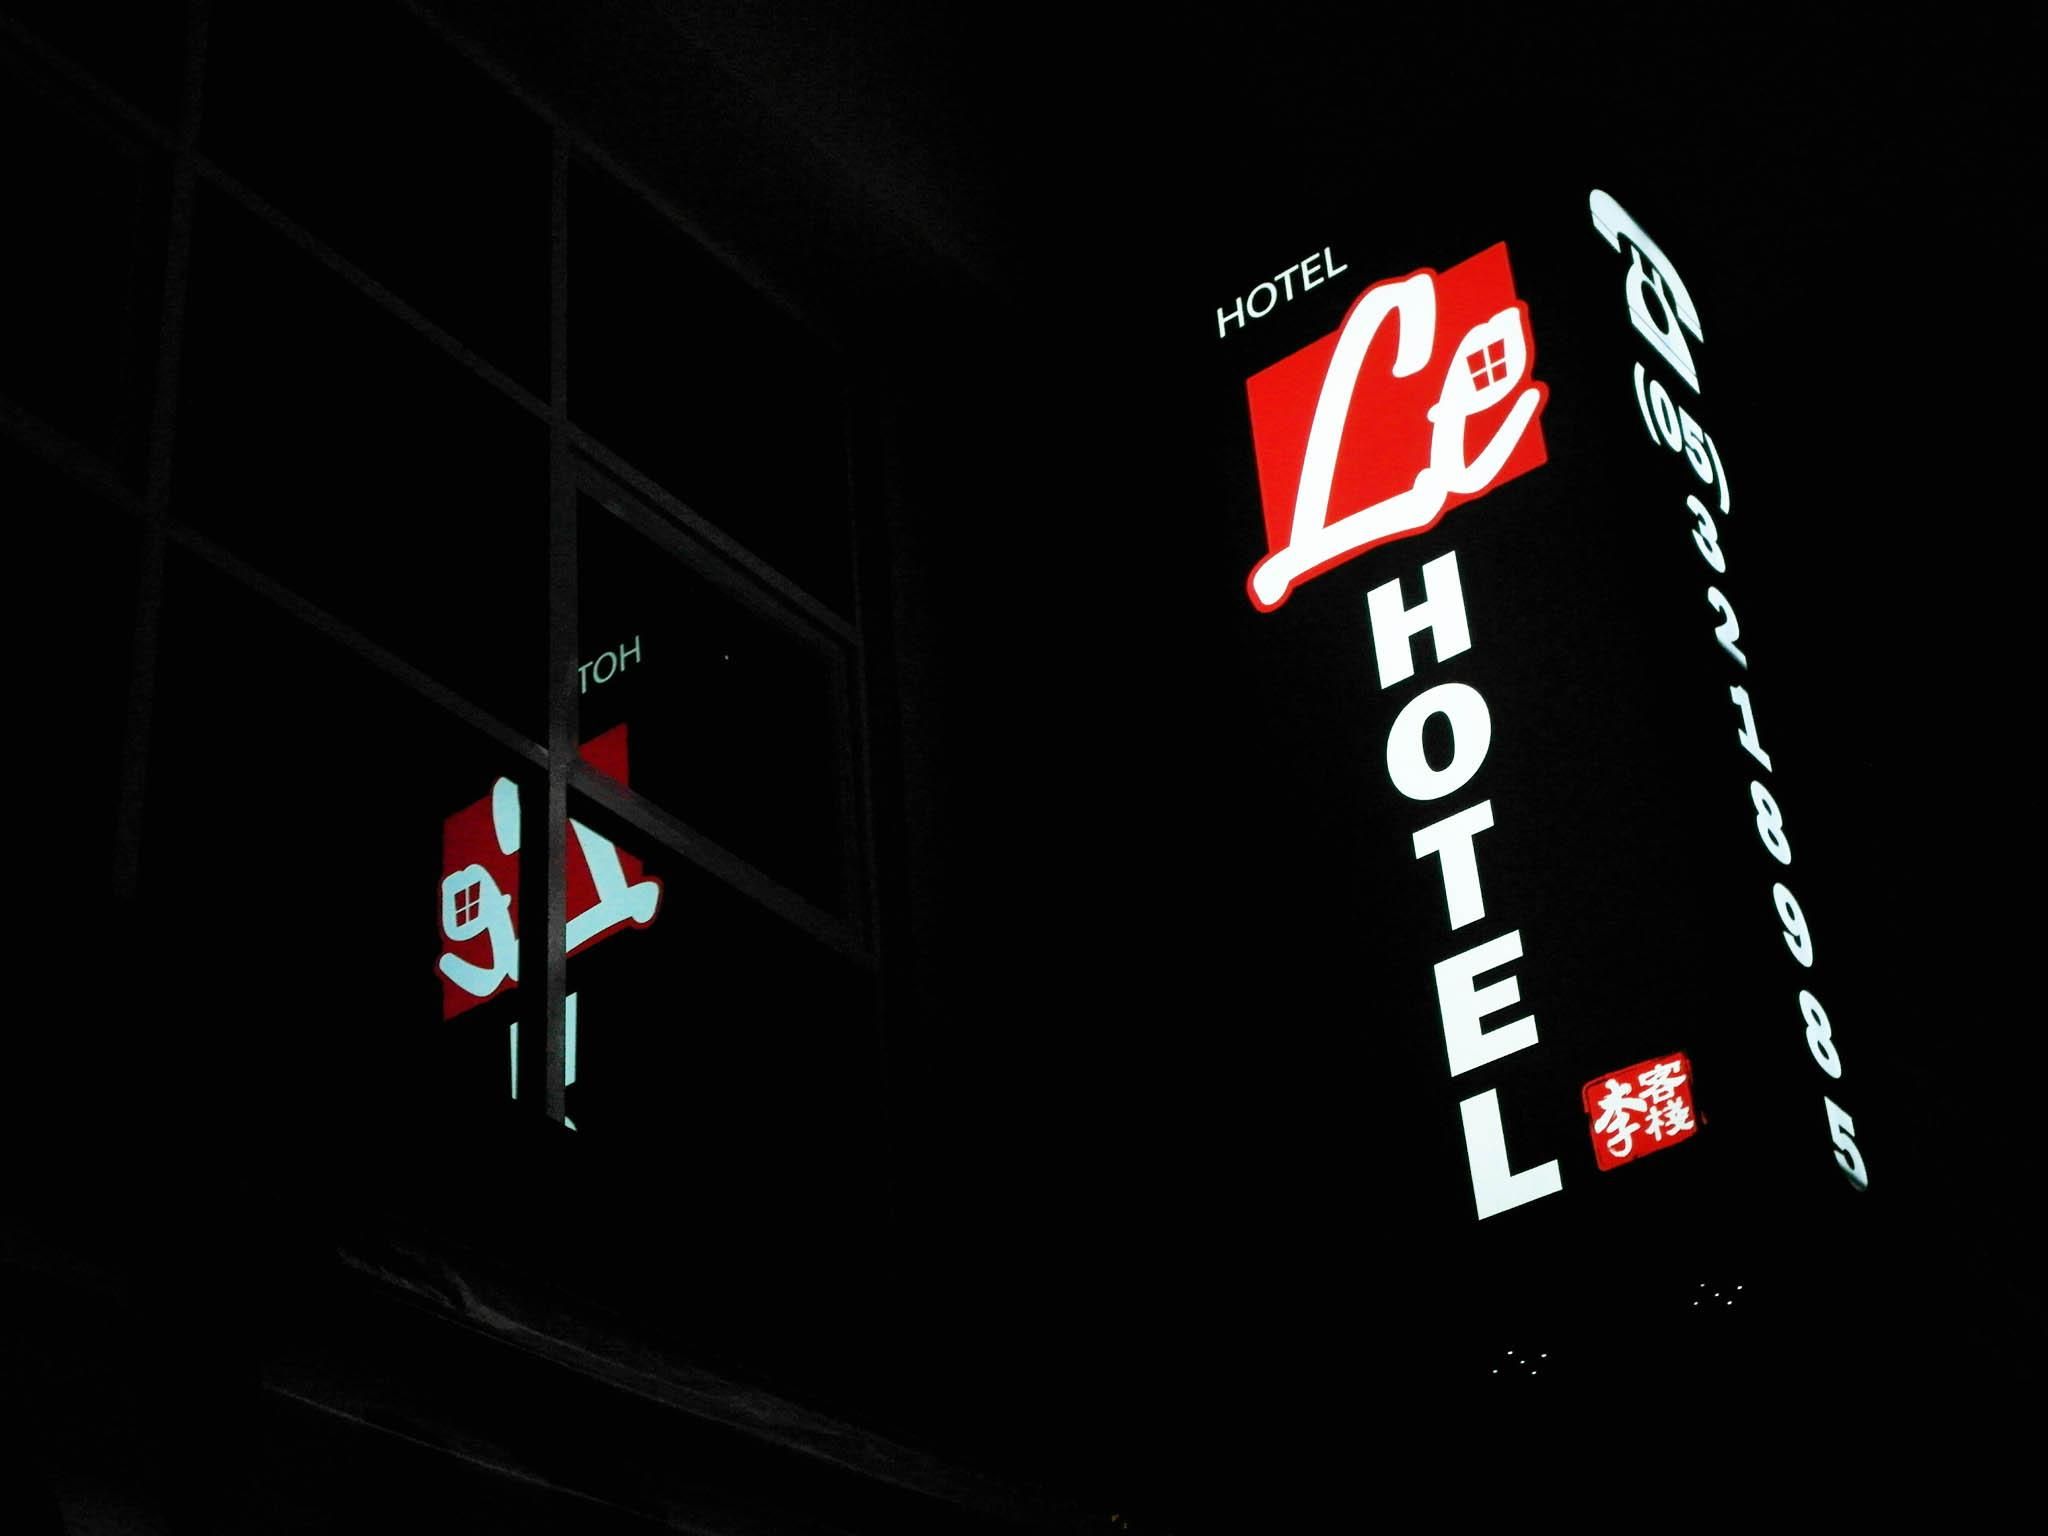 ル ホテル1